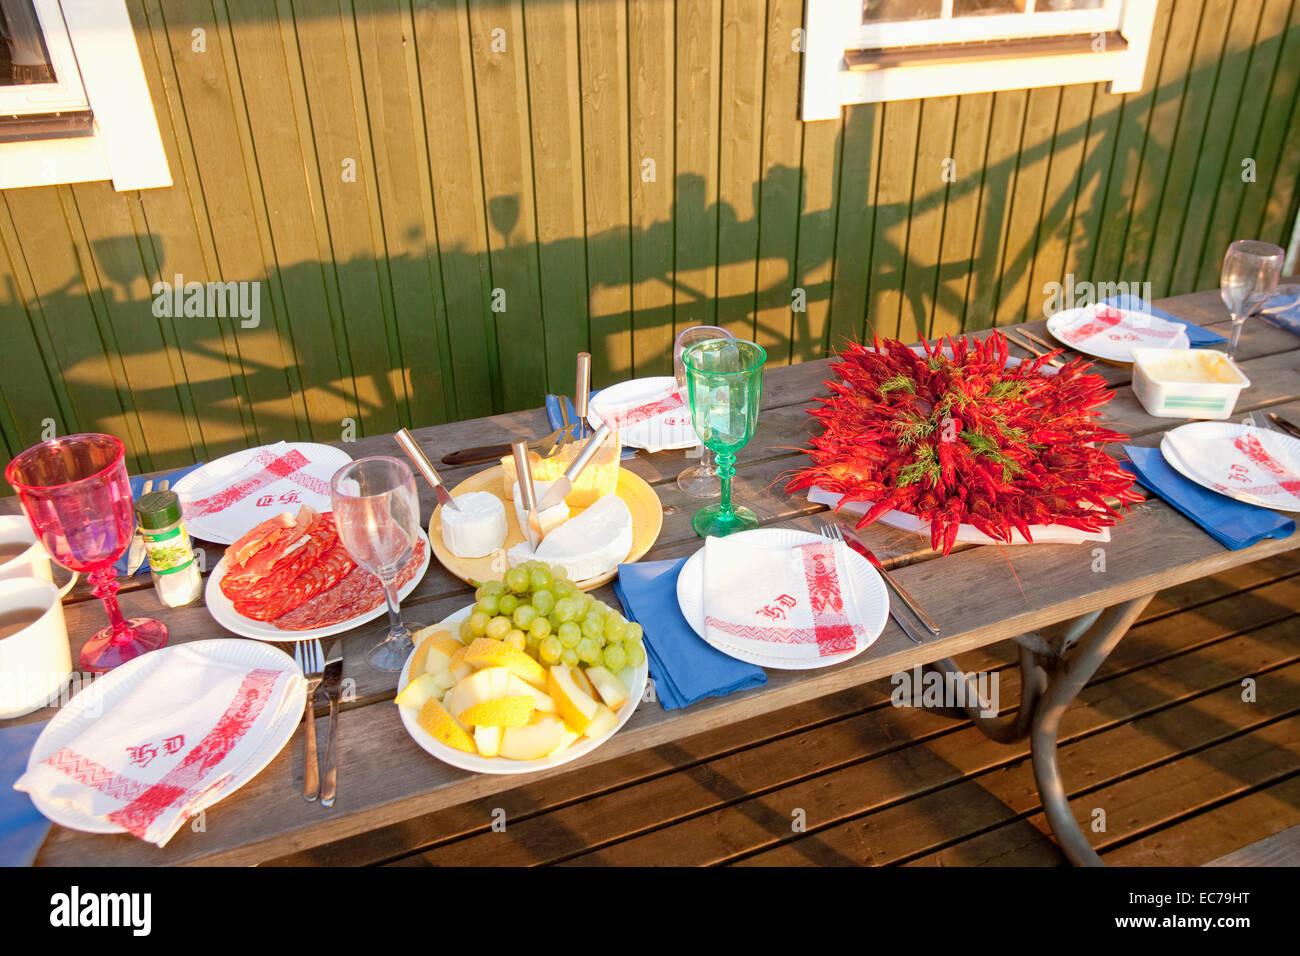 Suecia - Cangrejos de río con eneldo comido langostino tradicional sueca en parte. Foto de stock